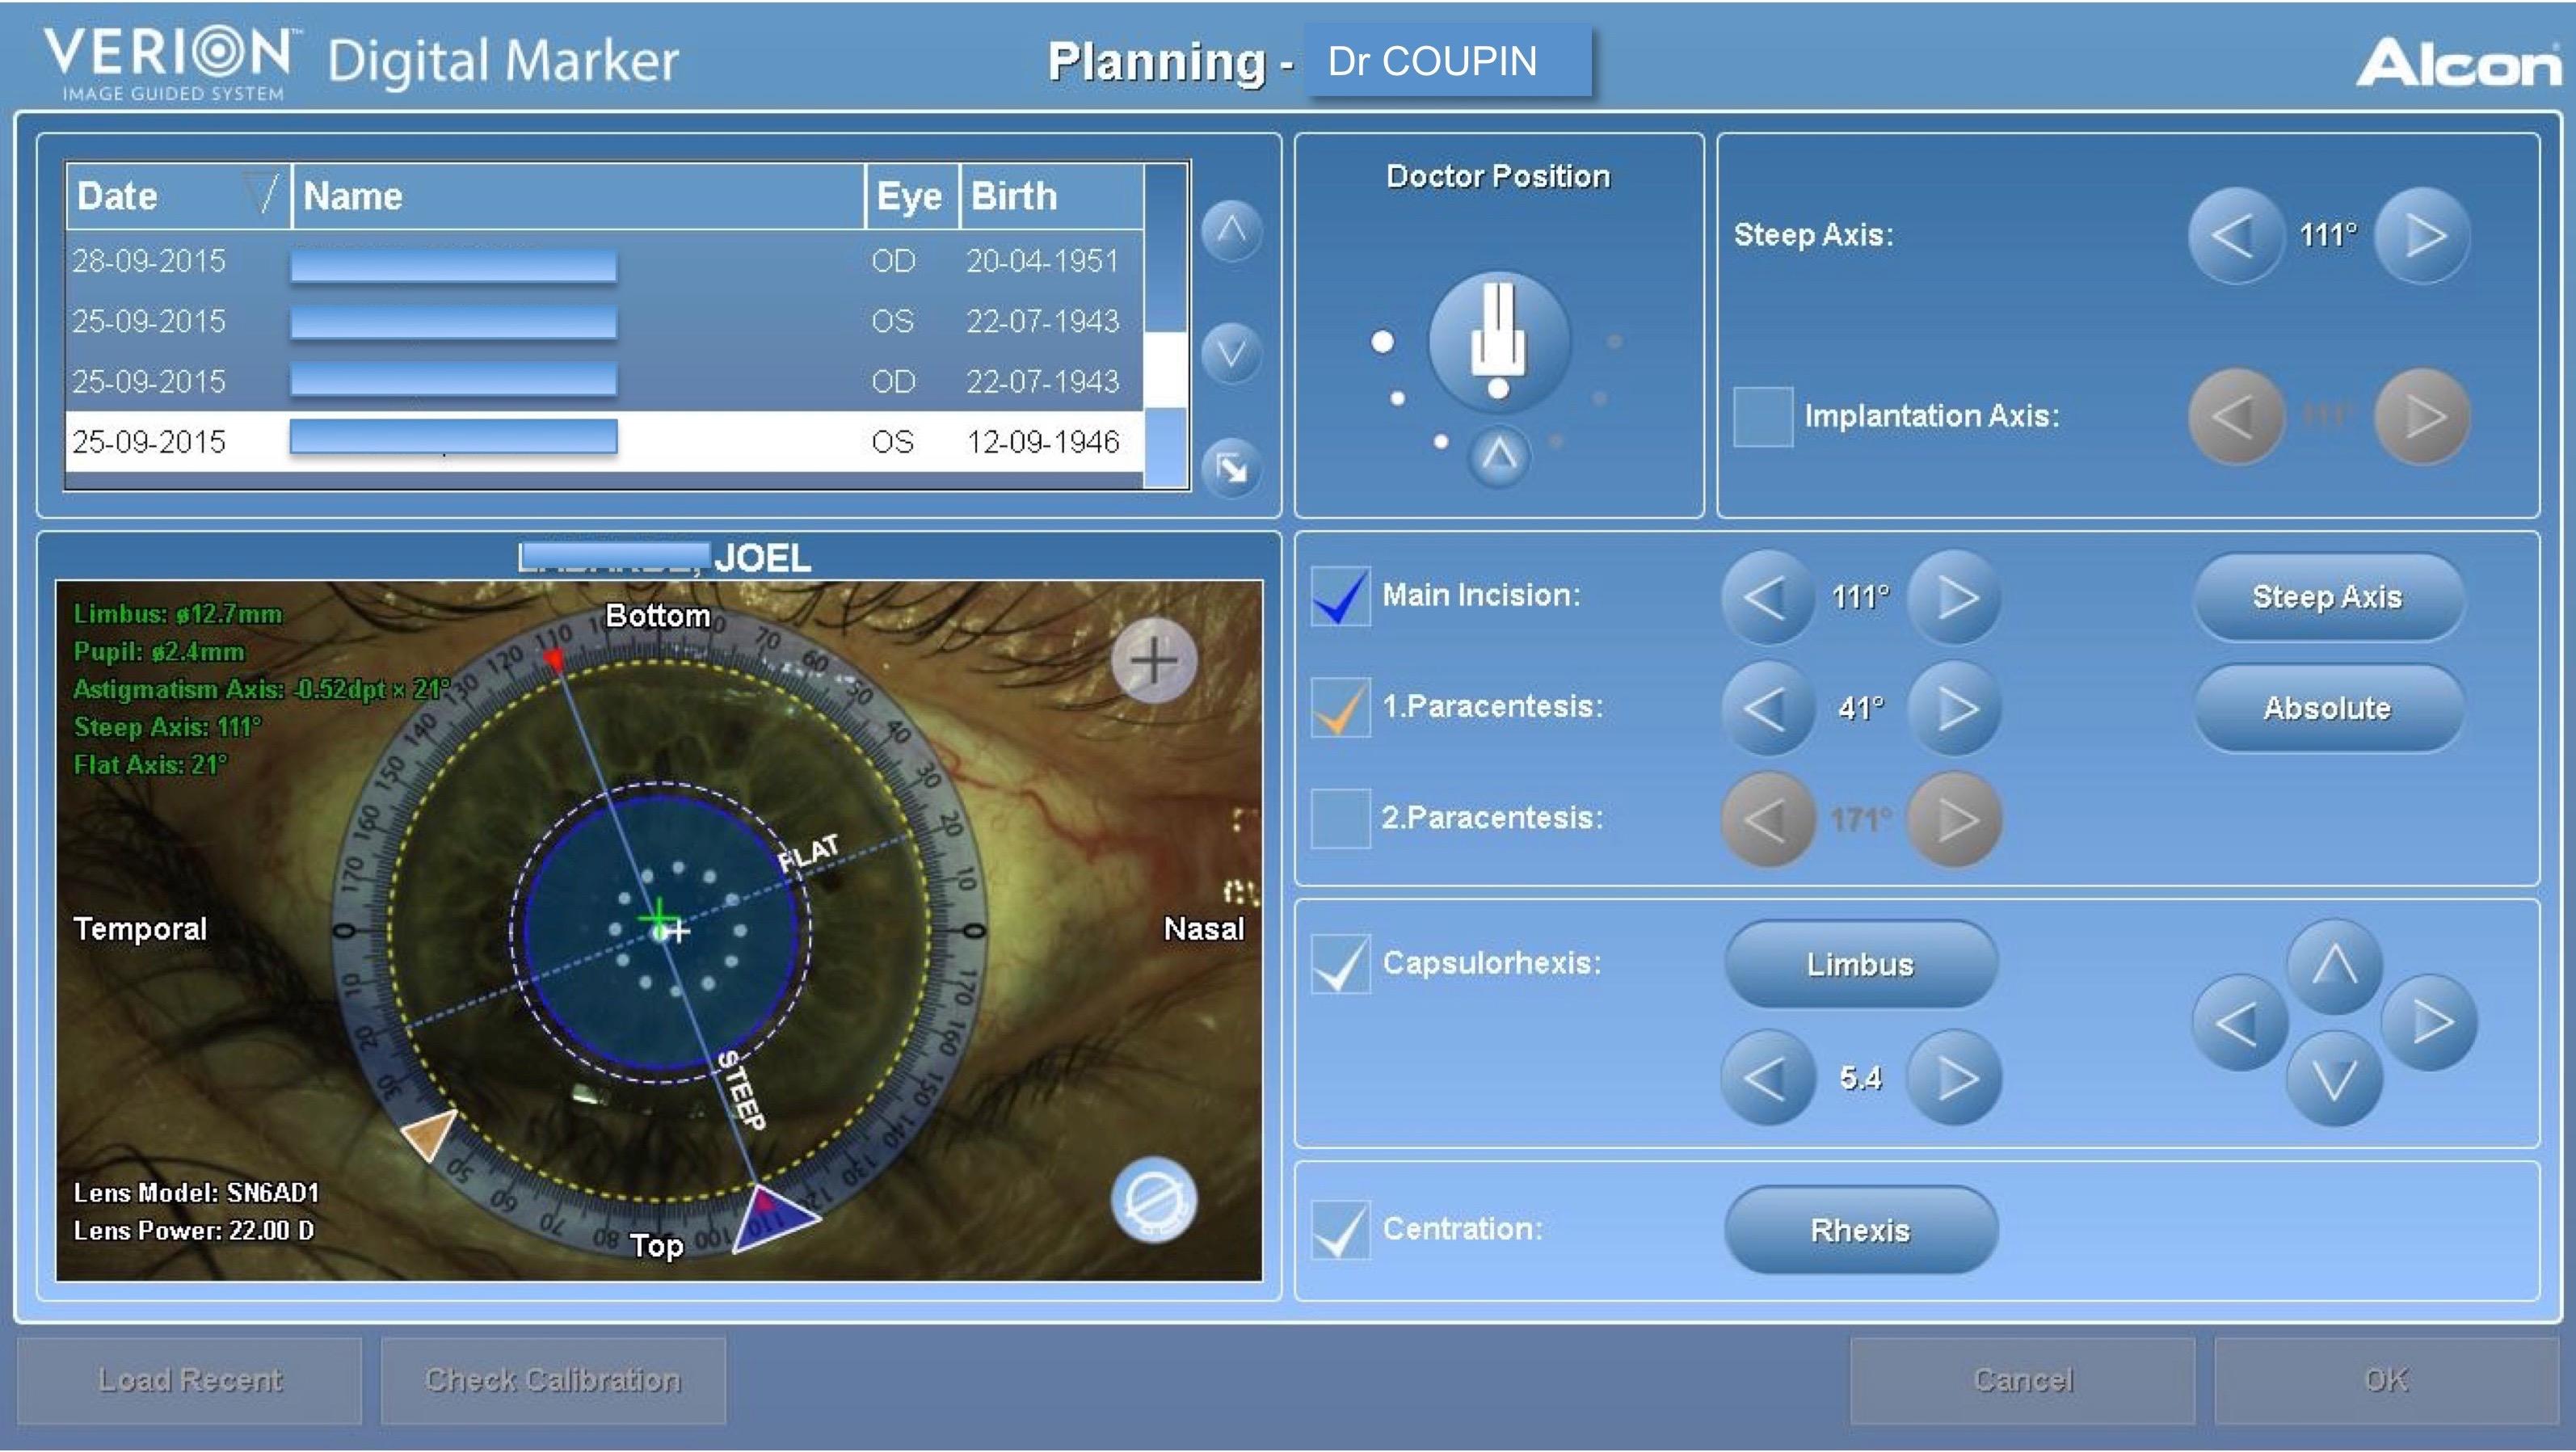 Système Verion couplé au microscope opératoire